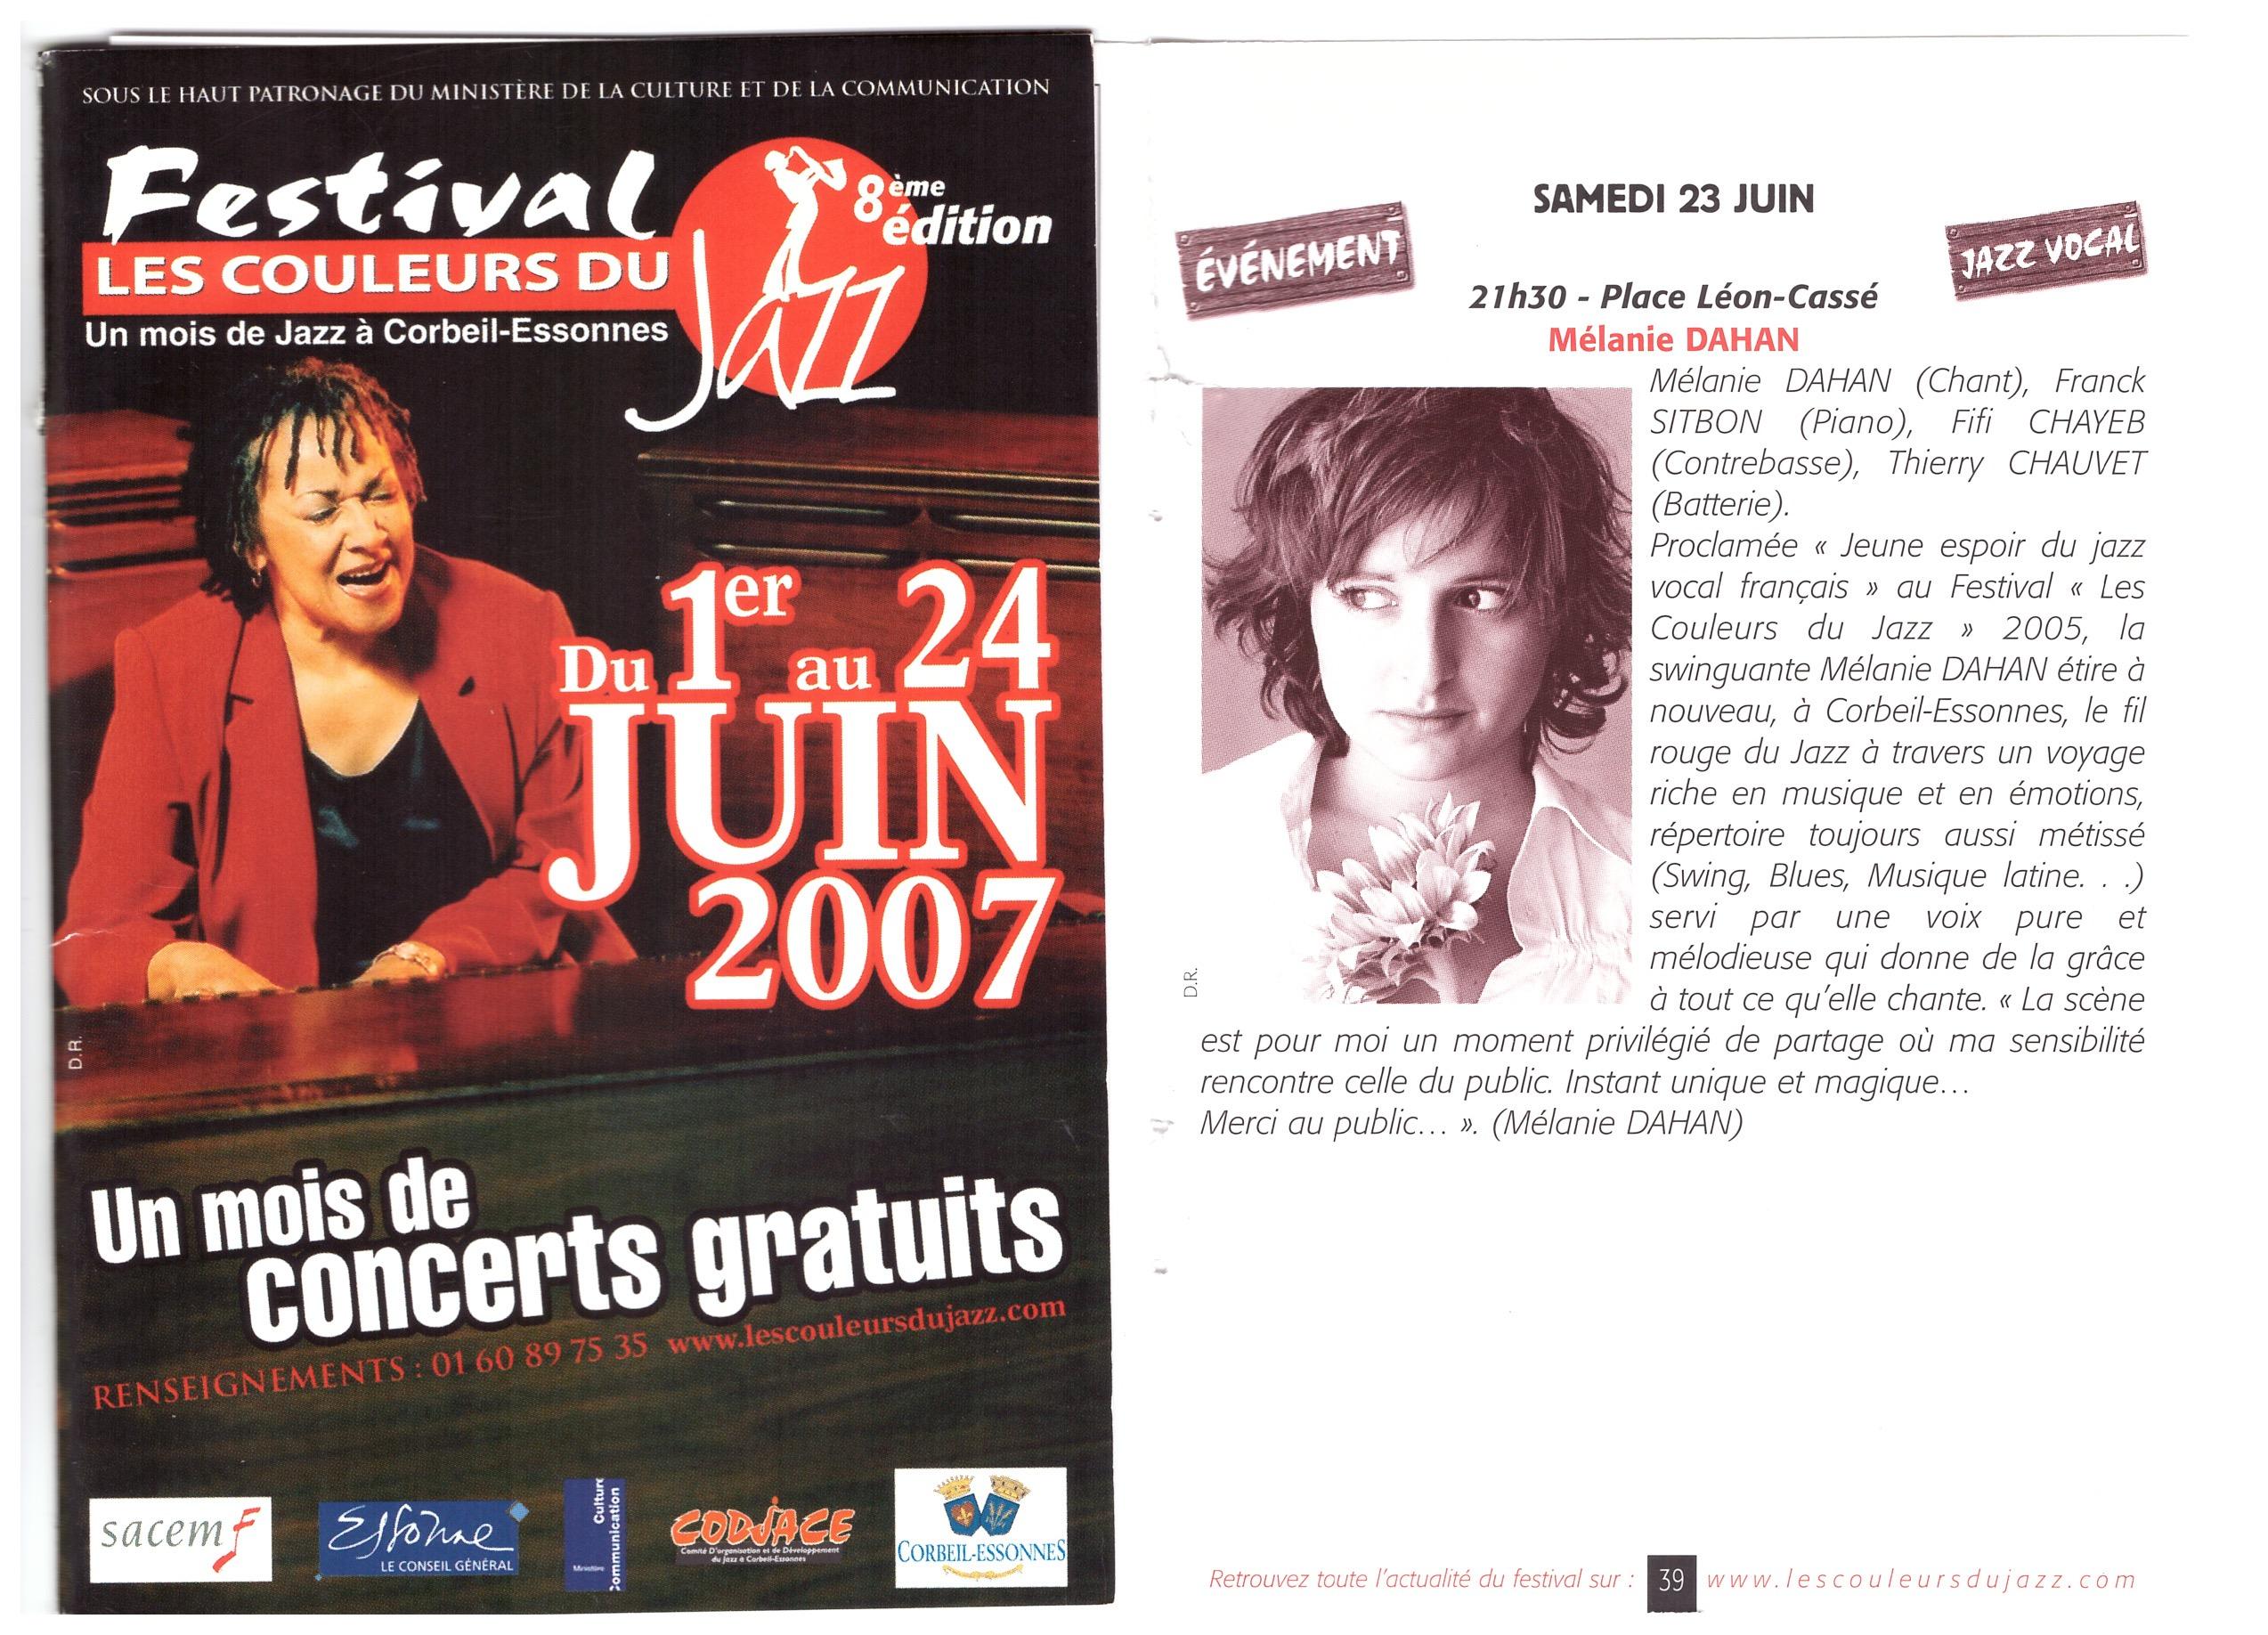 Festival Couleurs du jazz